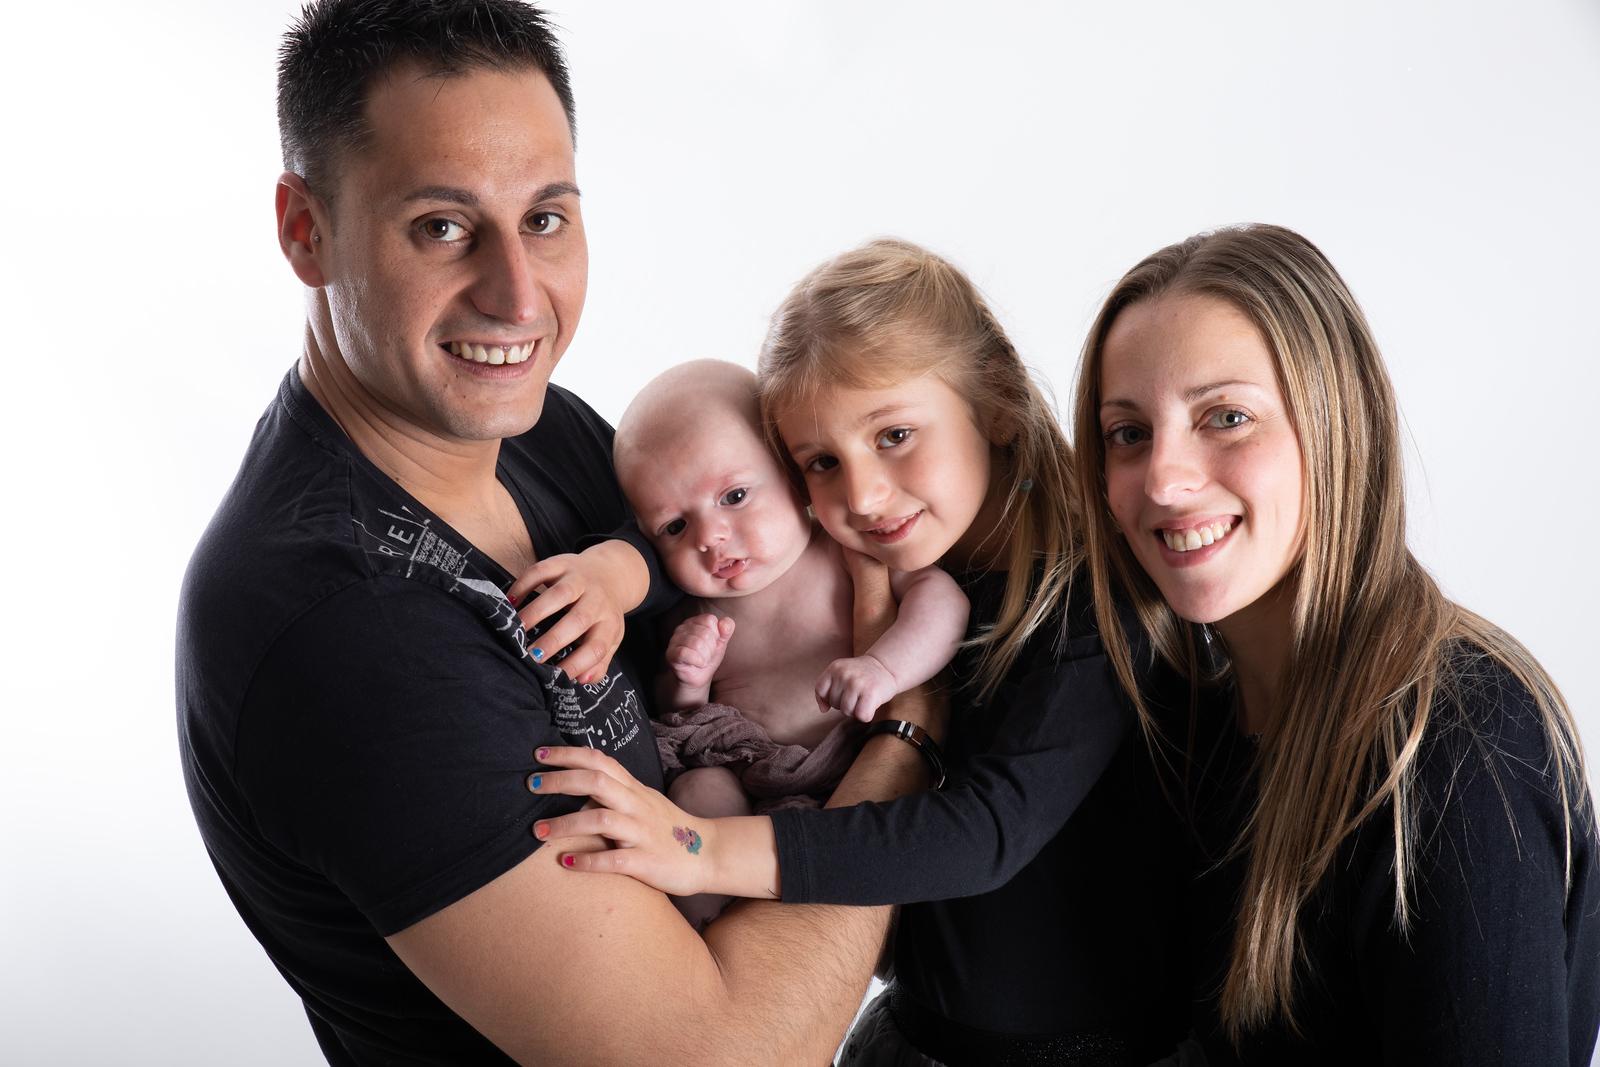 Reportaje de embarazo en familia dibujando en la barriga por Elena Rubio fotógrafa de embarazo para elenircfotografia